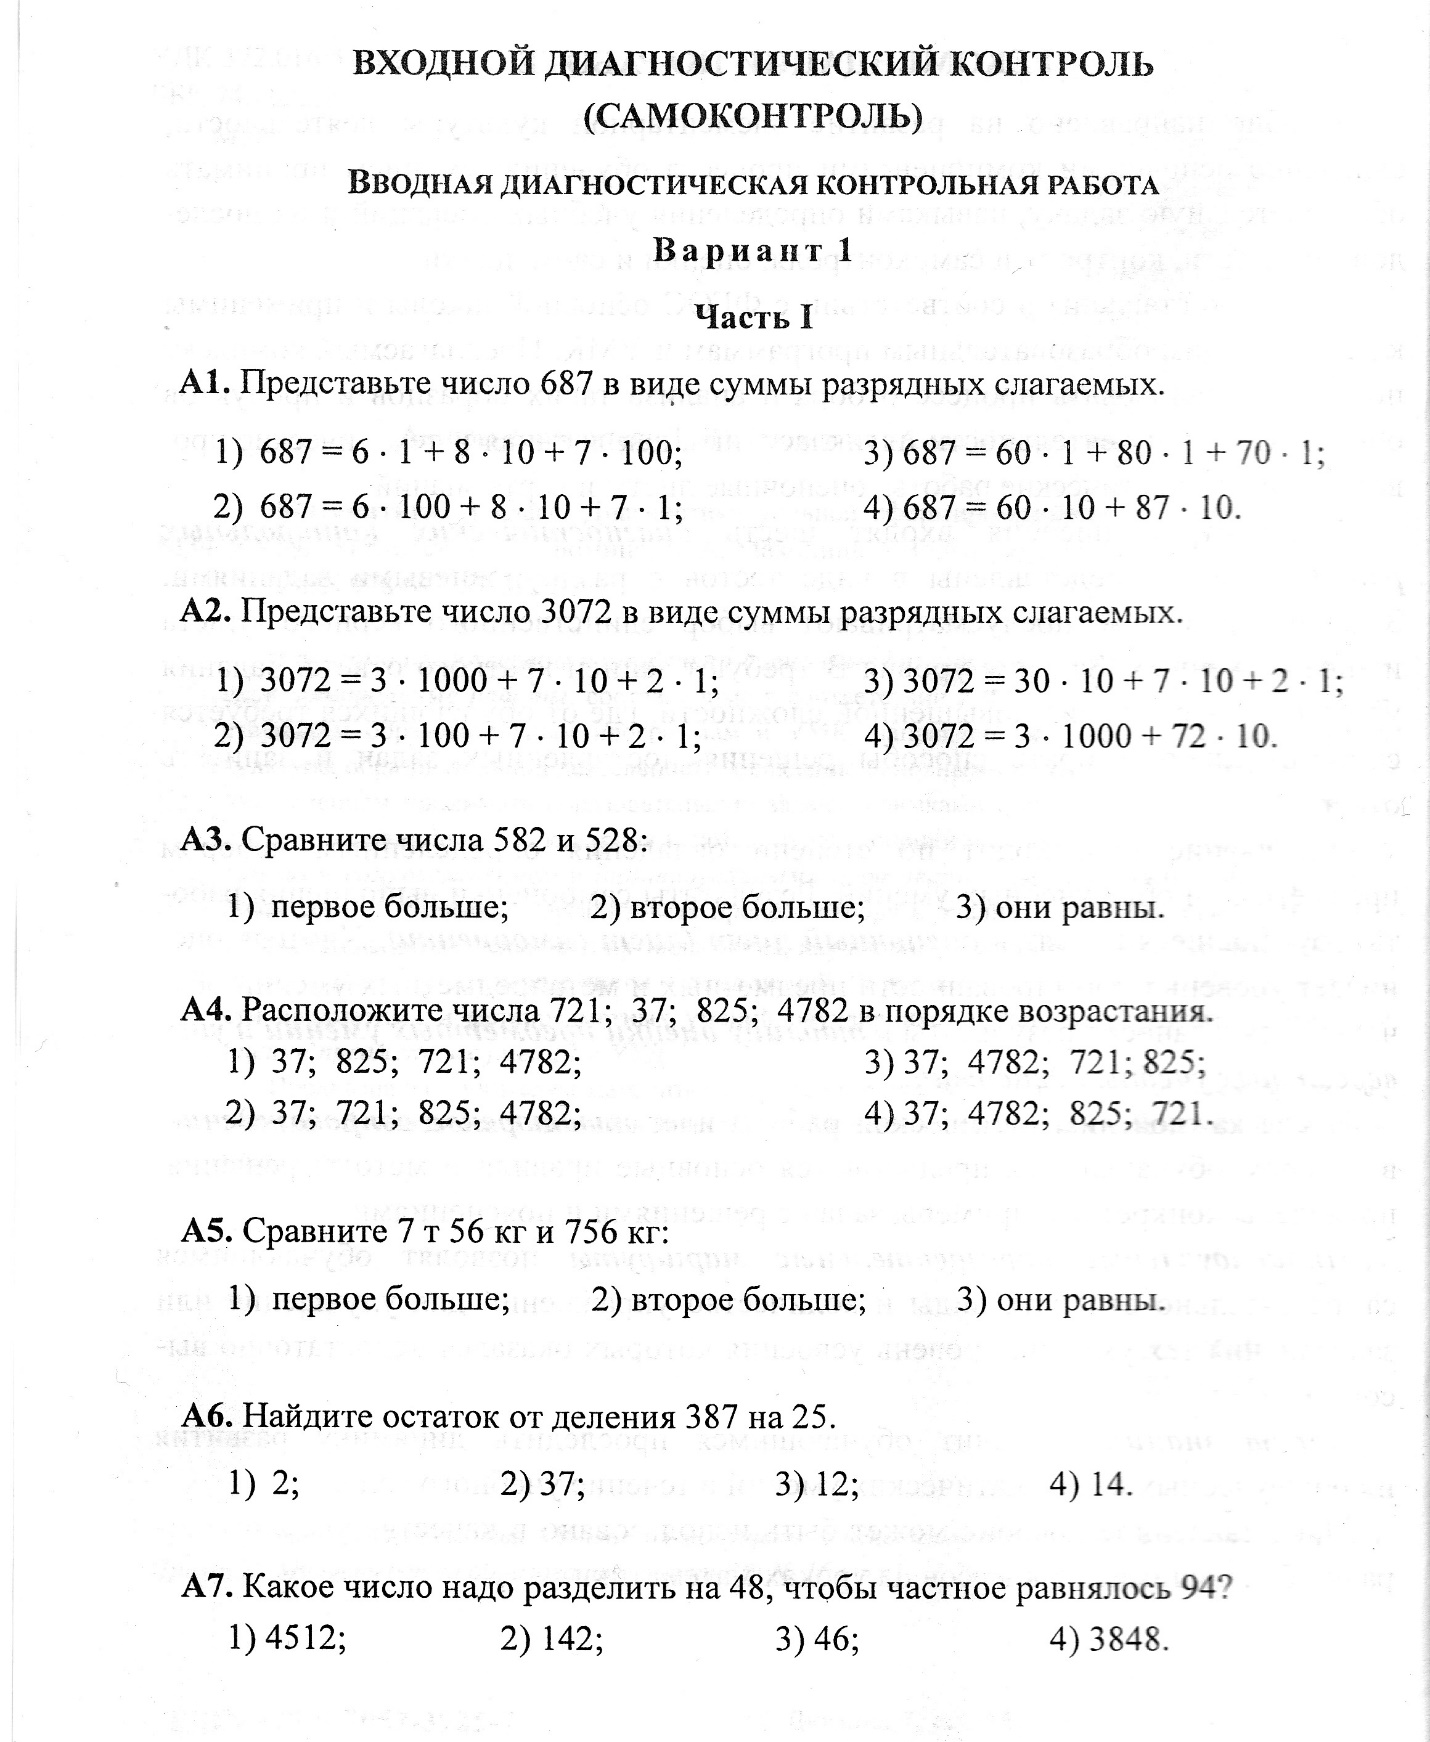 Пояснительная записка к рабочей программе по математике 5 класс